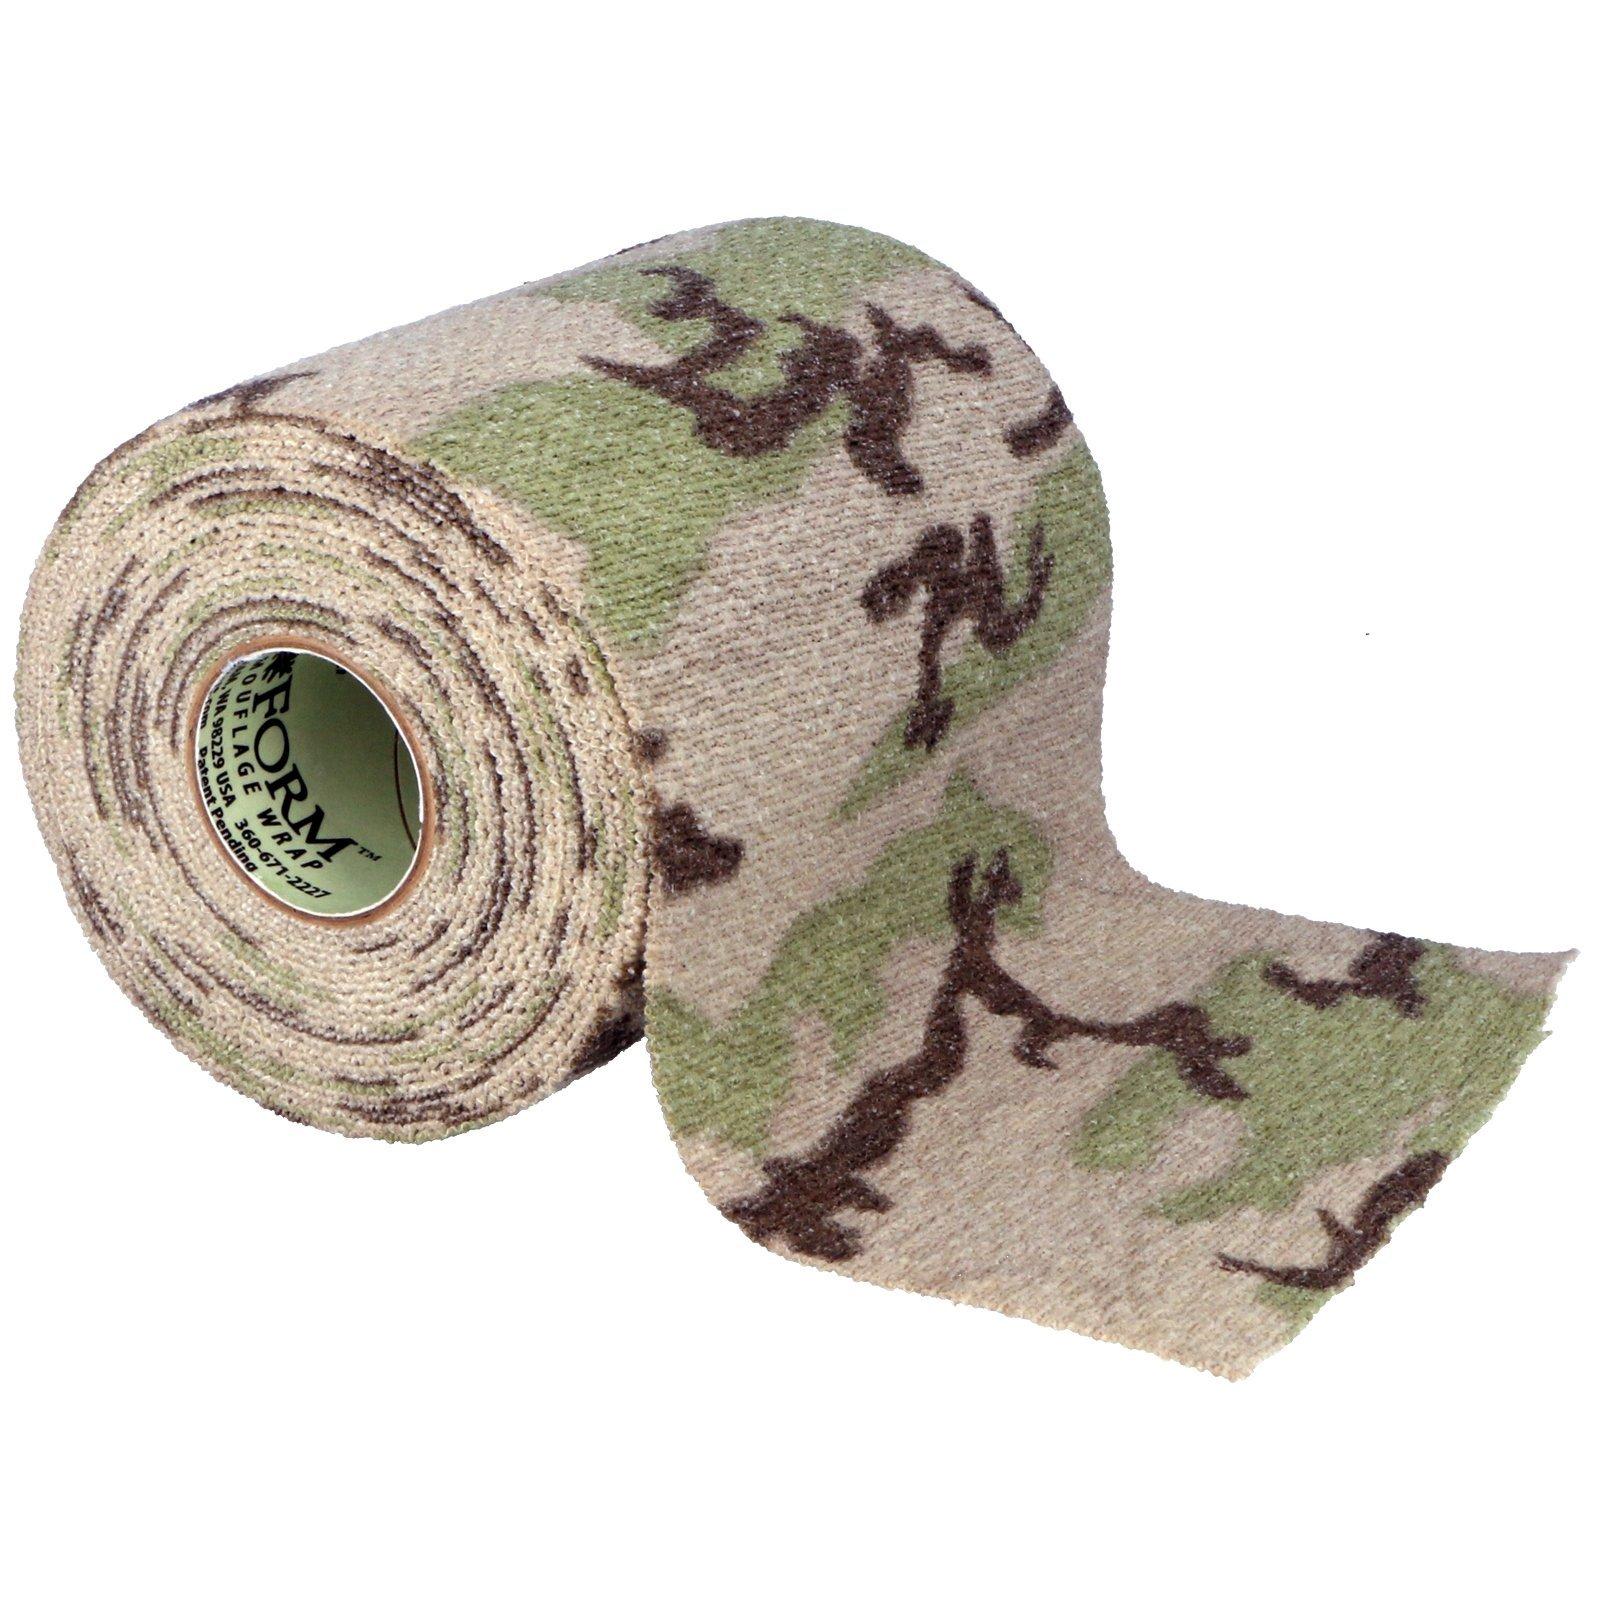 Gear Aid Camo Form Fabric Wrap - Desert Generic 4 Inch